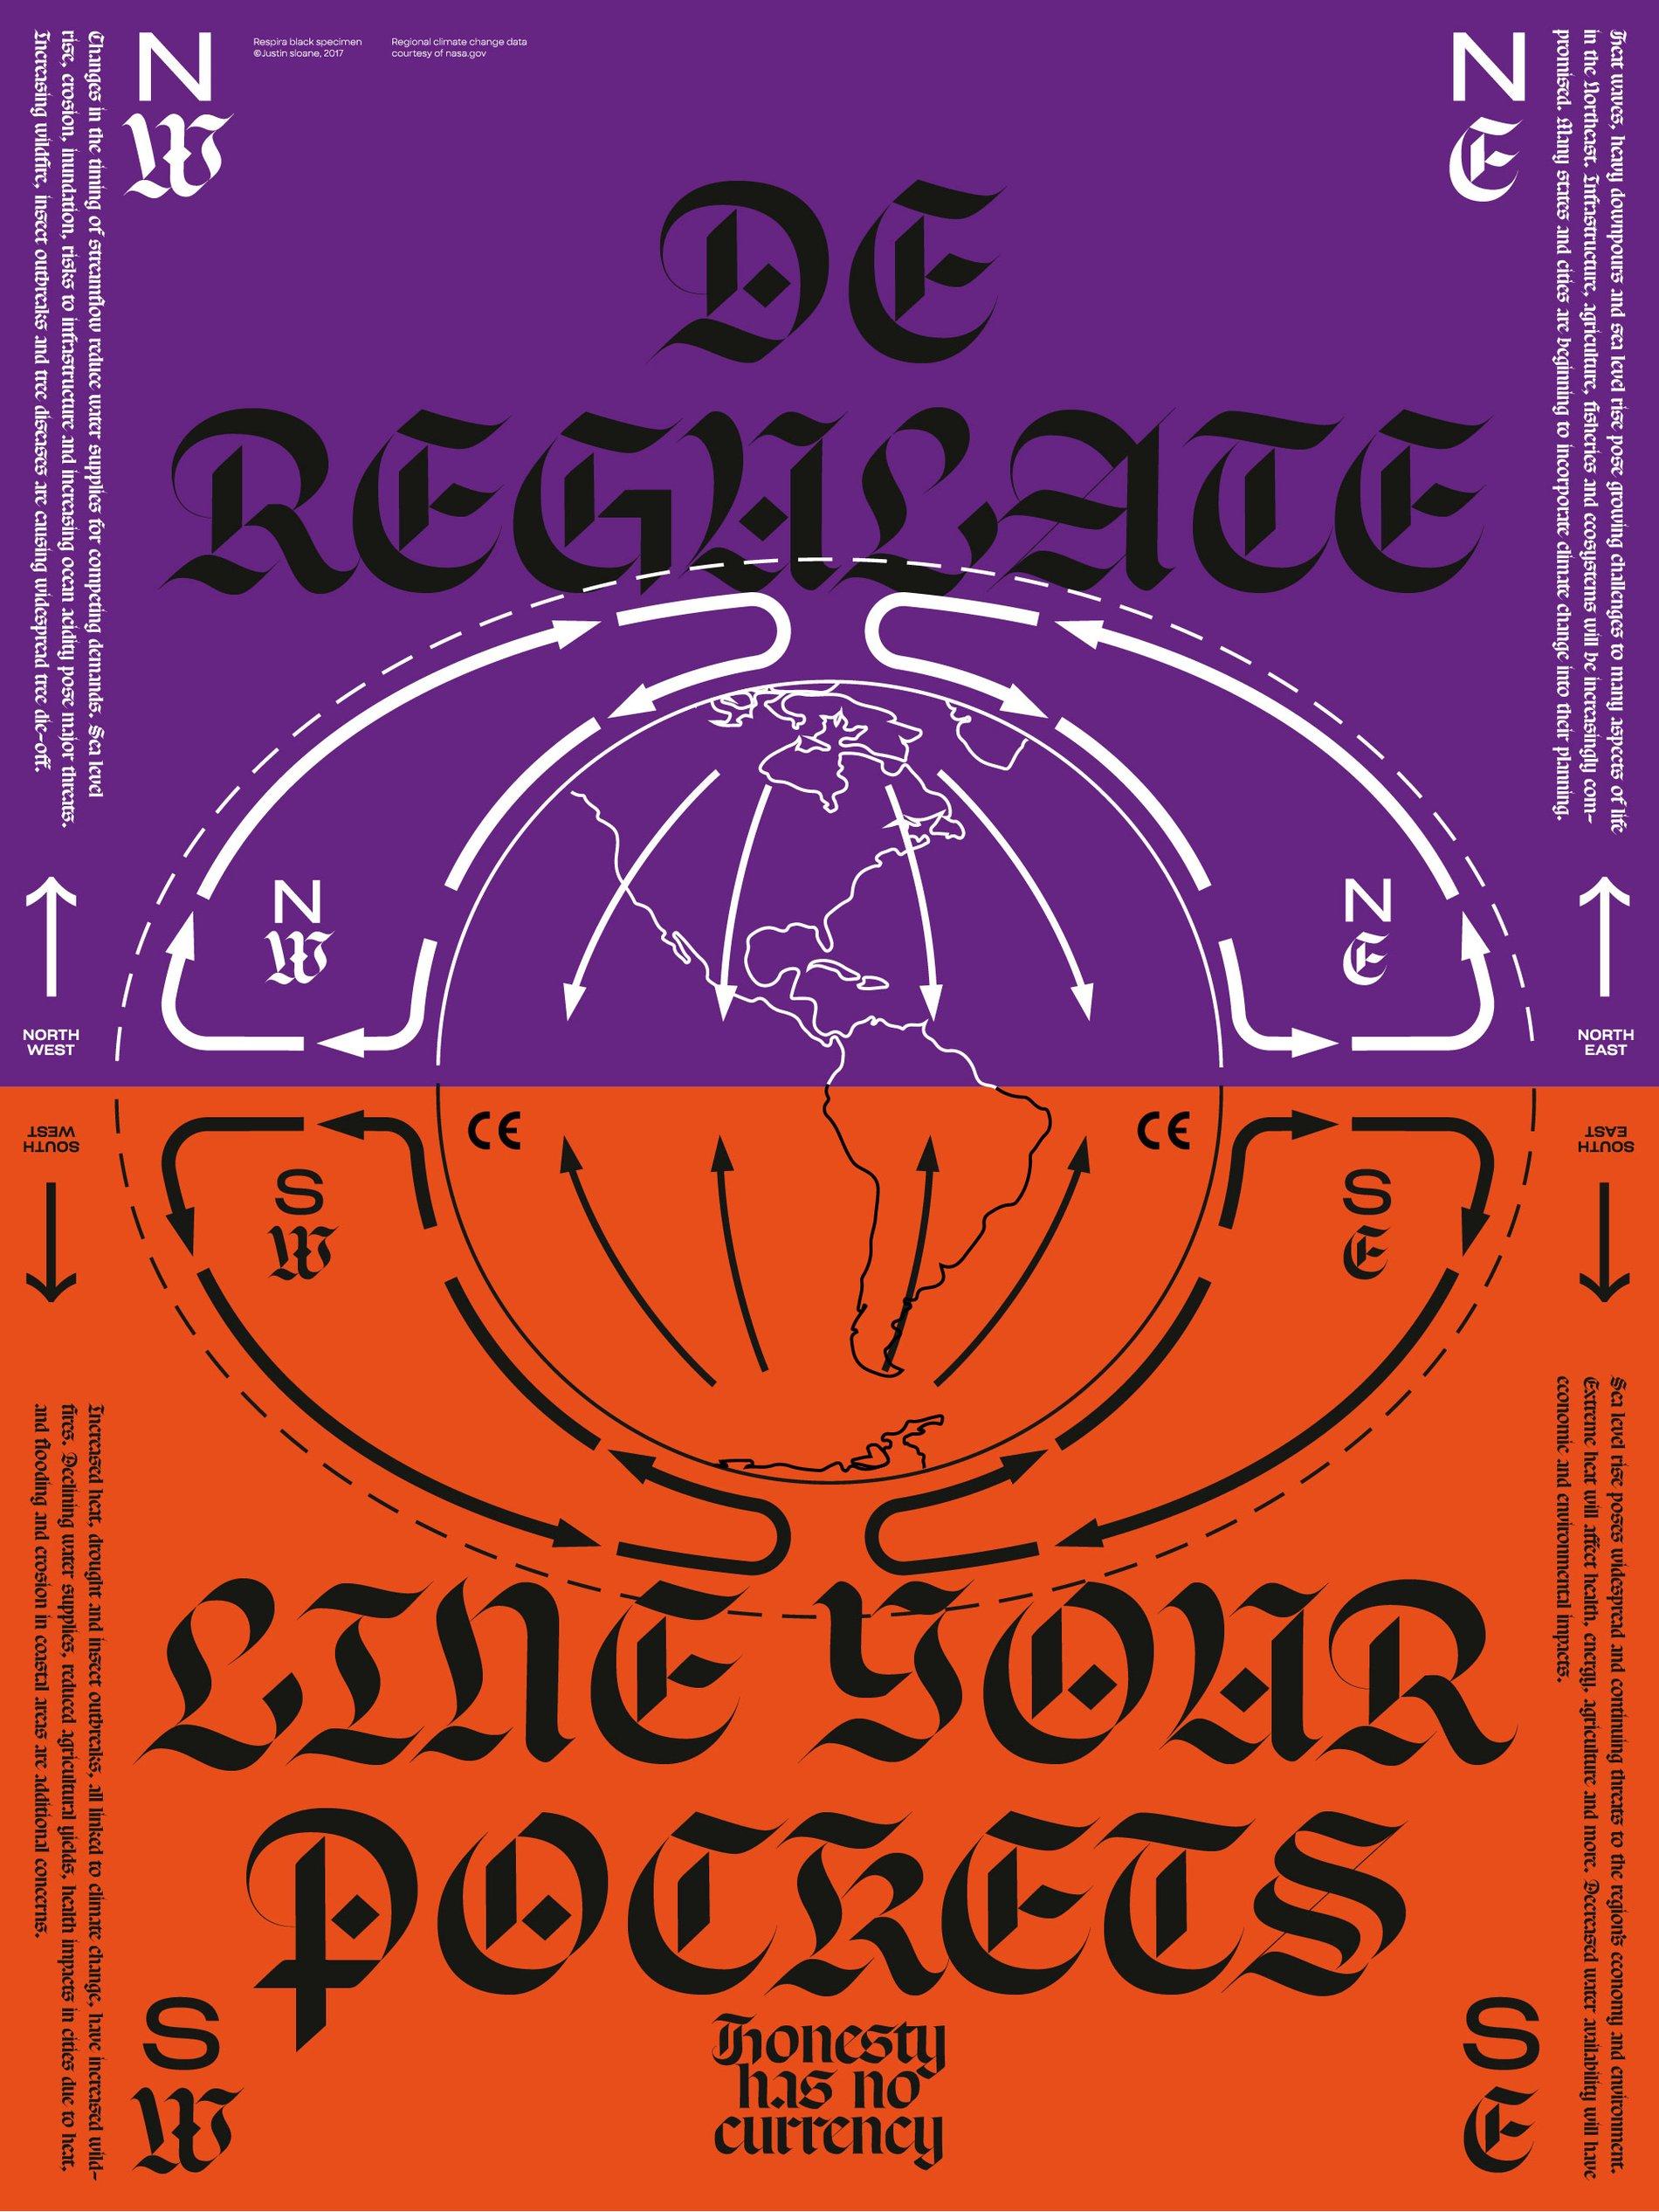 Justin Sloane Label Respira Poster